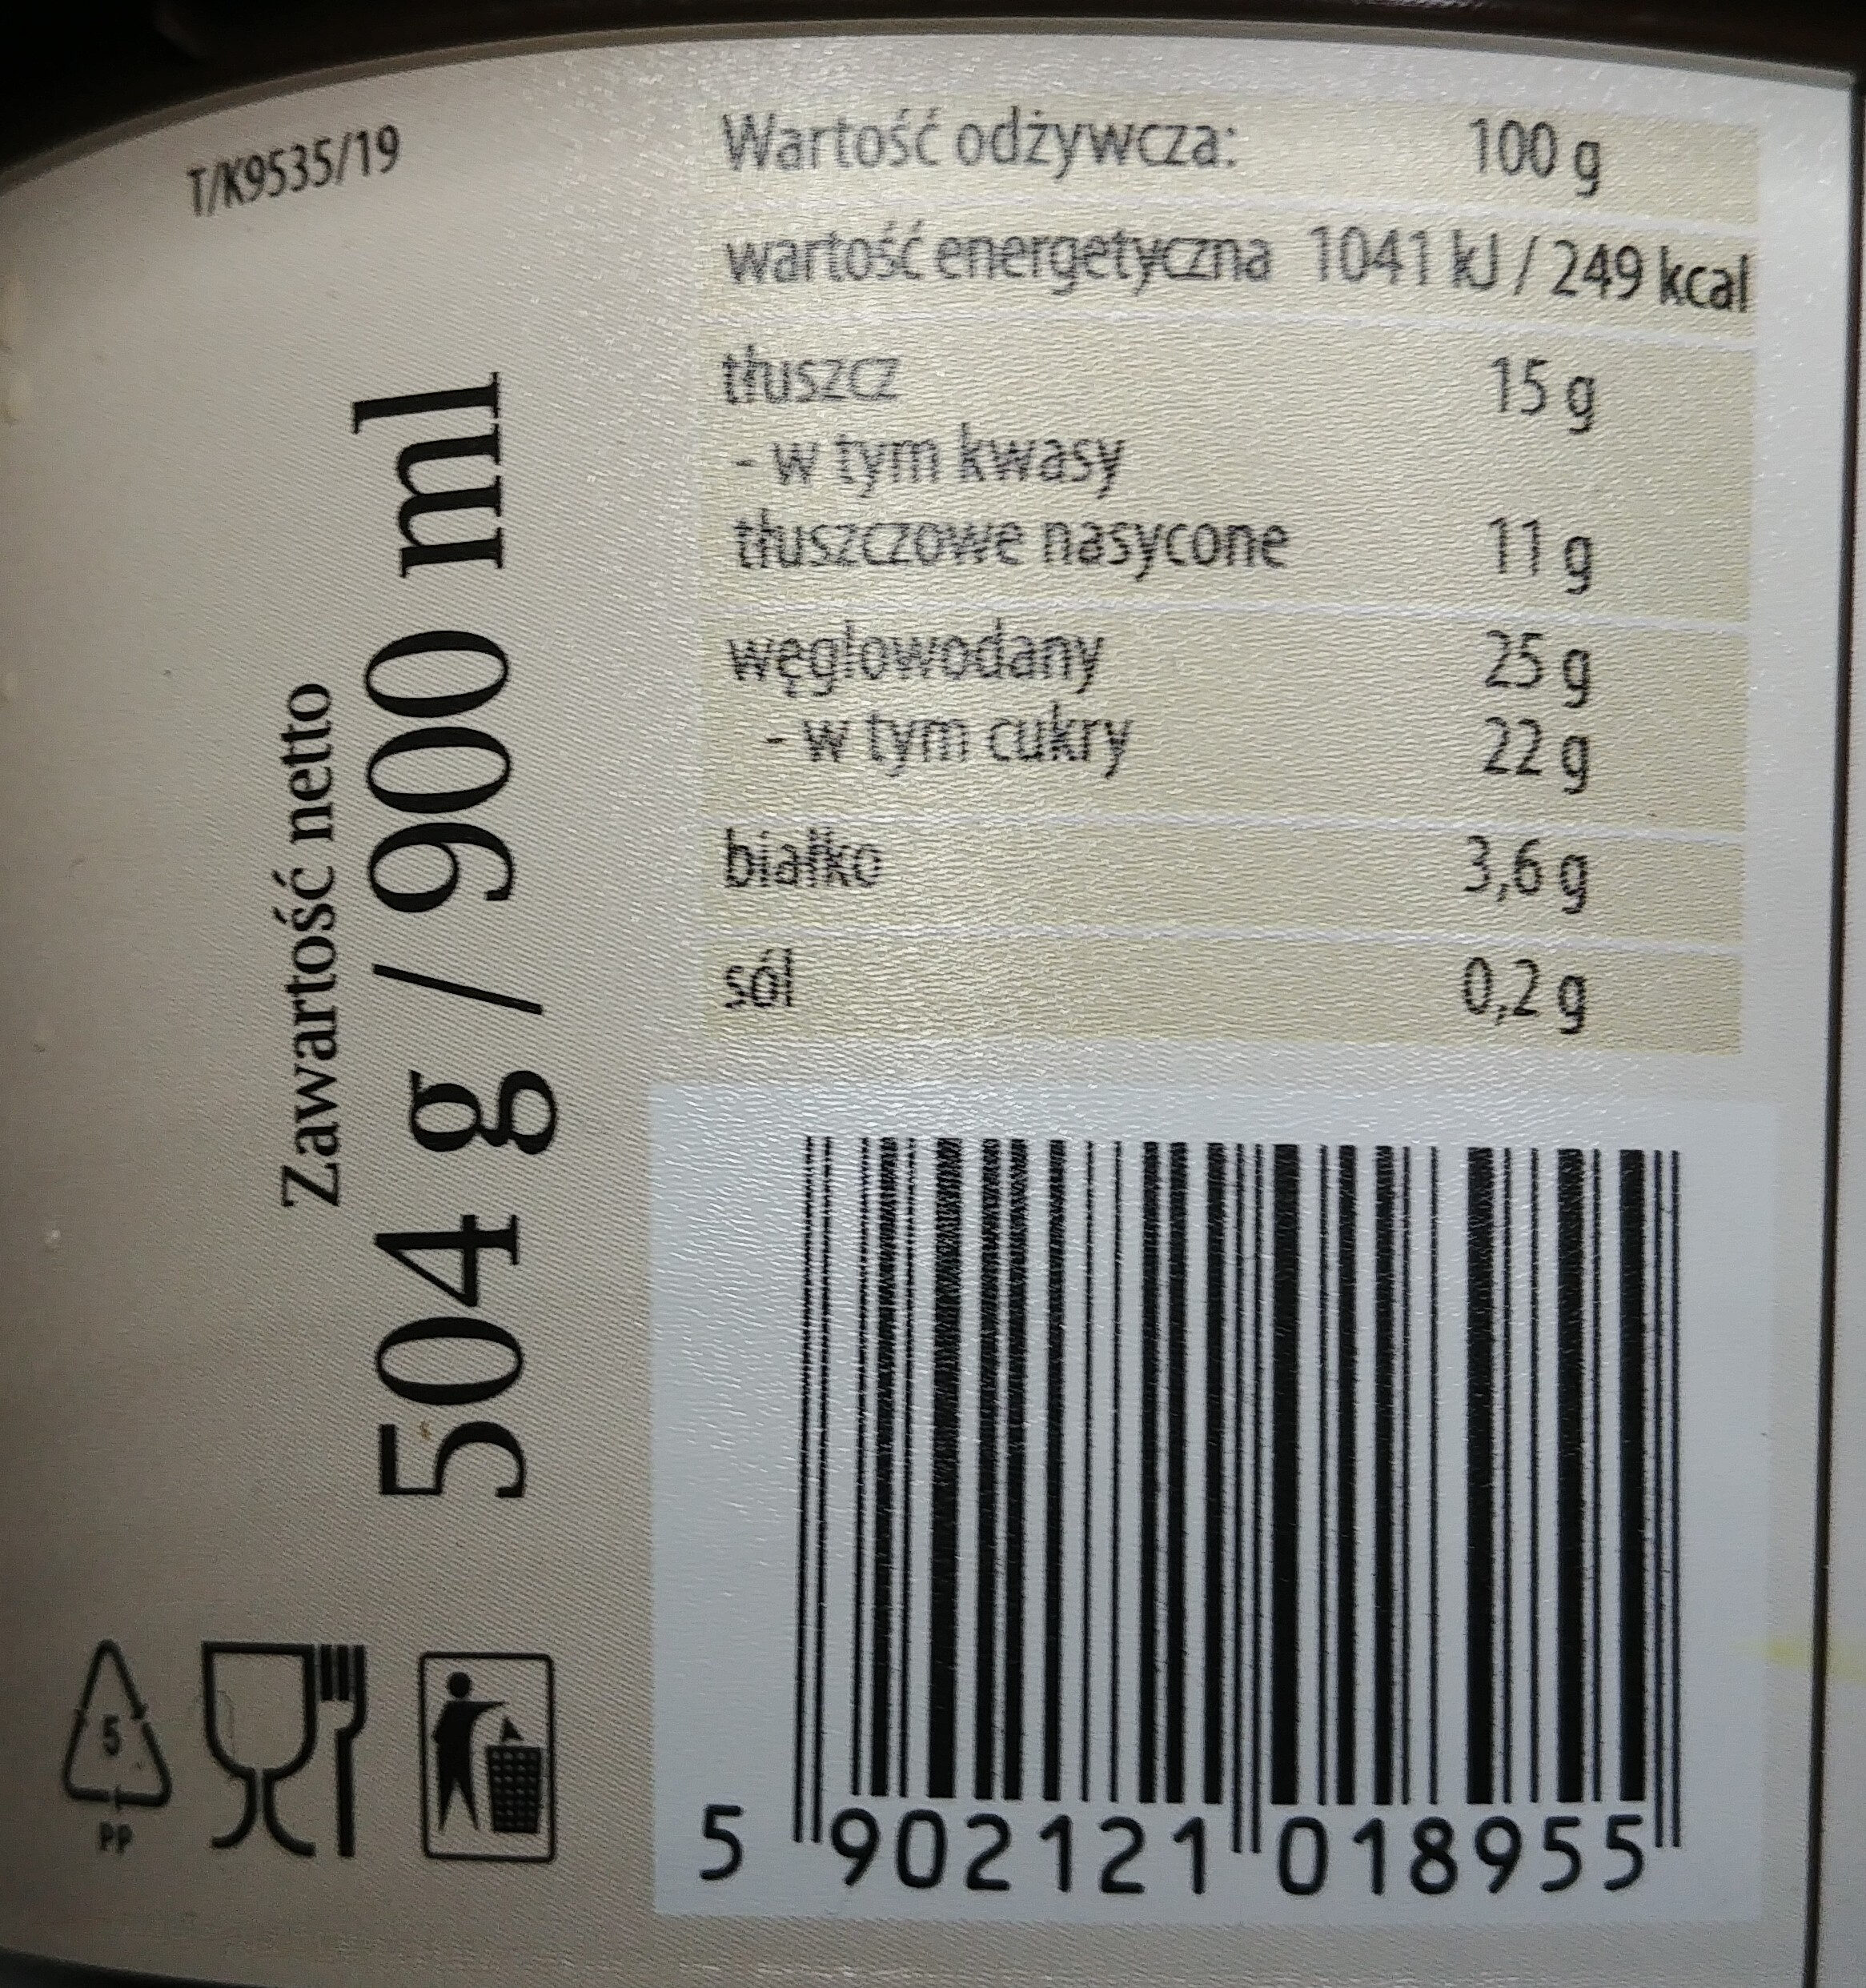 Lody śmietankowe - Wartości odżywcze - pl